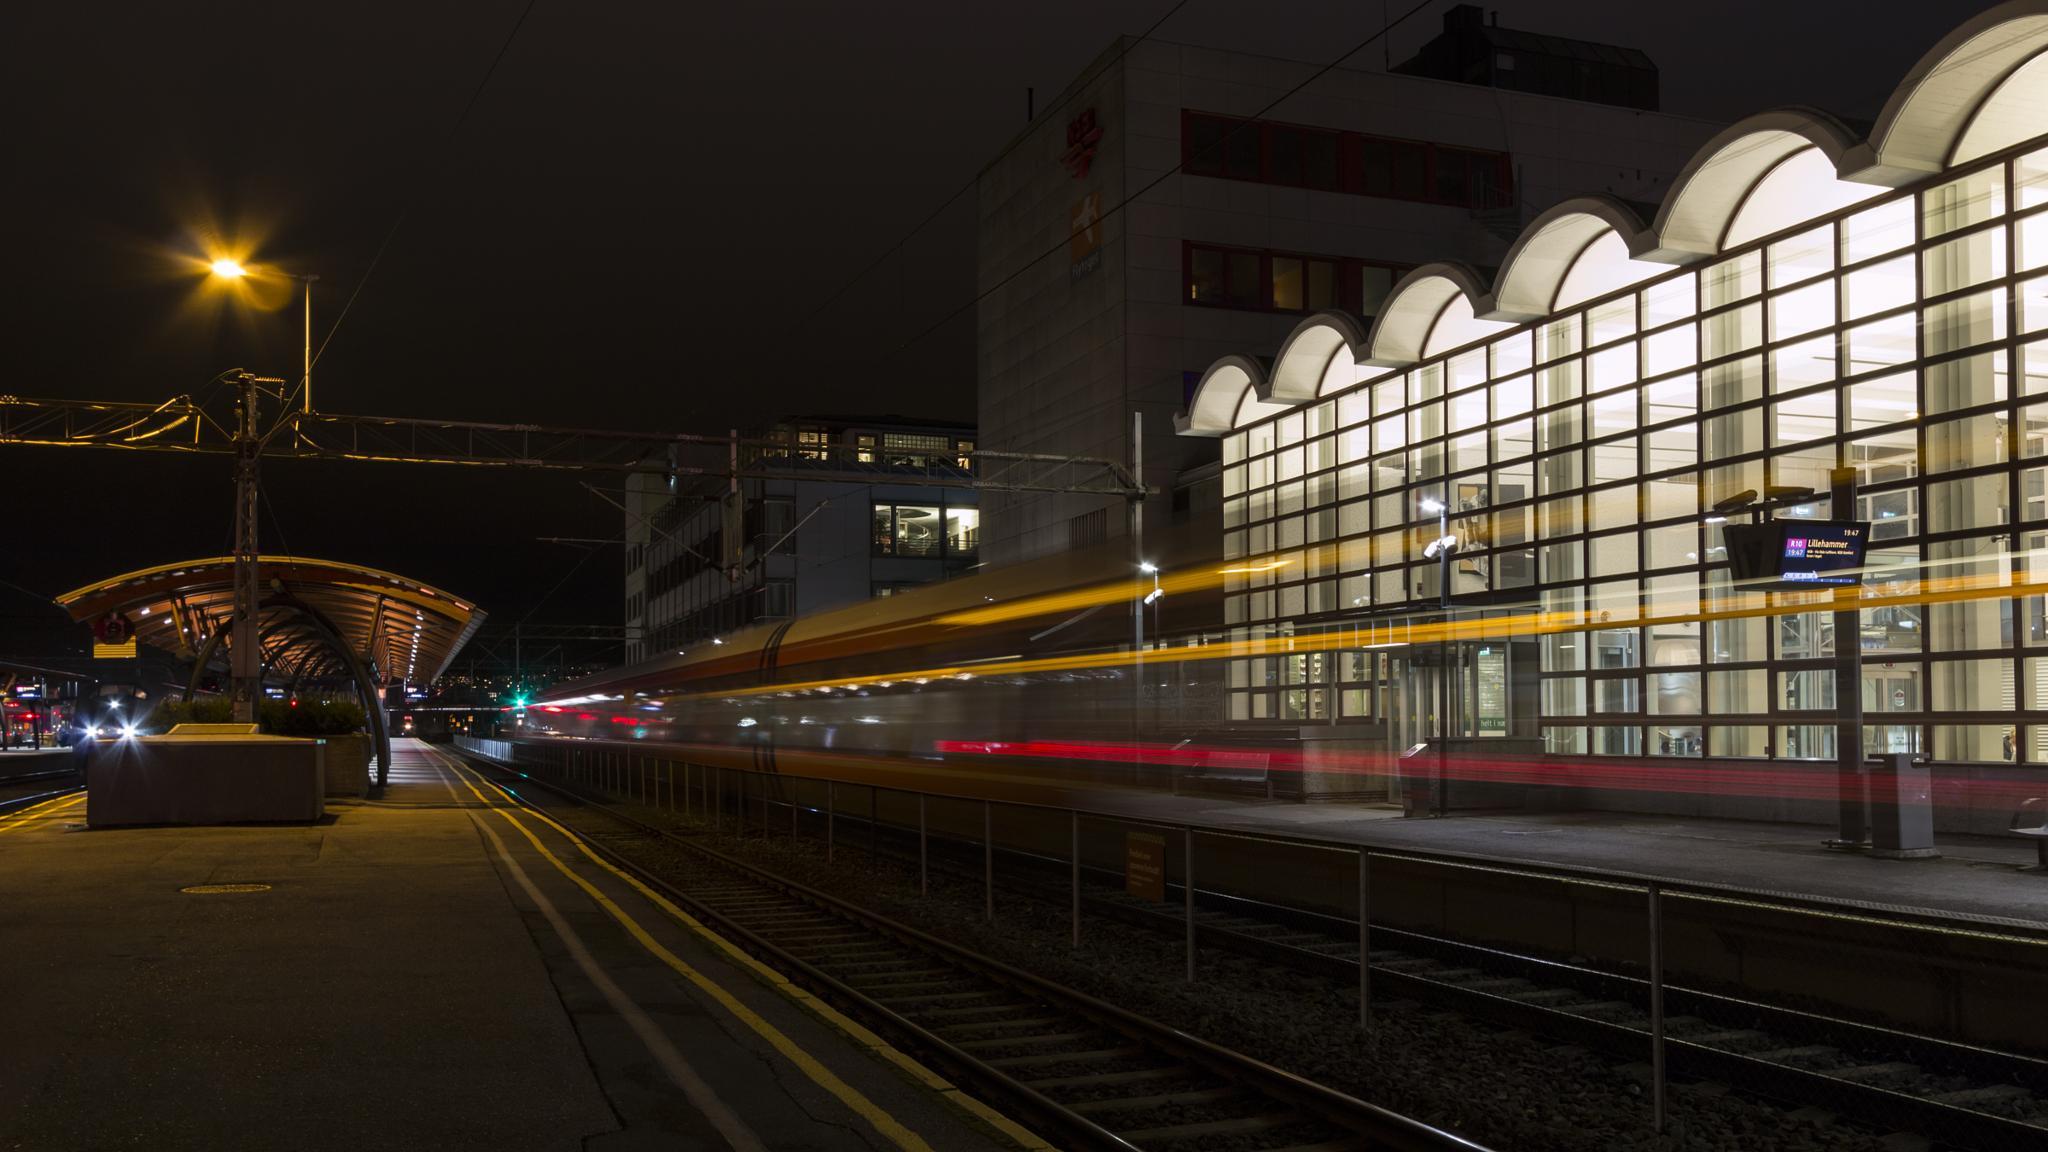 Train to Lillyhammer by Arne Knutsen